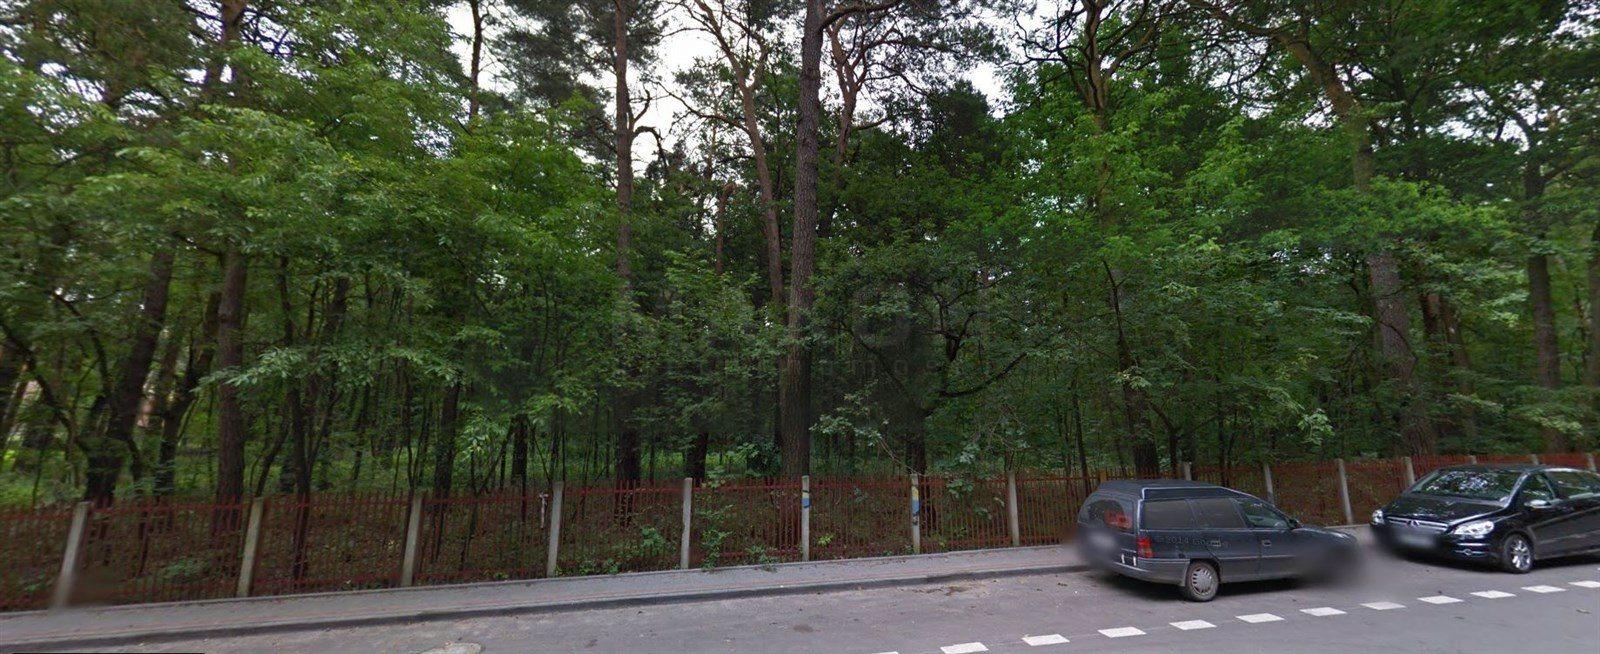 Działka leśna na sprzedaż Konstancin-Jeziorna  9976m2 Foto 2